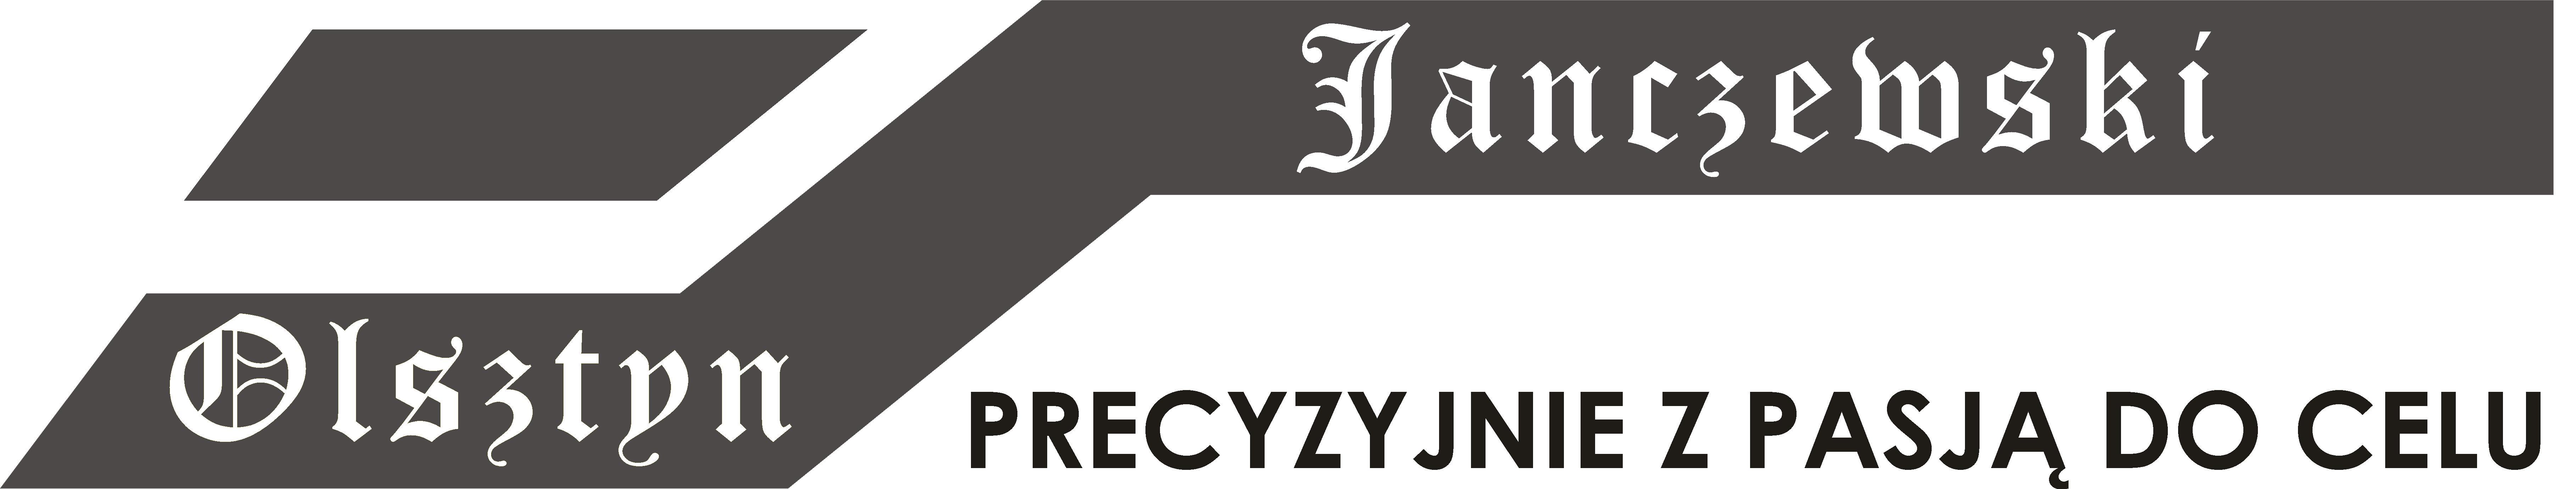 http://www.sklep.janczewski.com.pl/